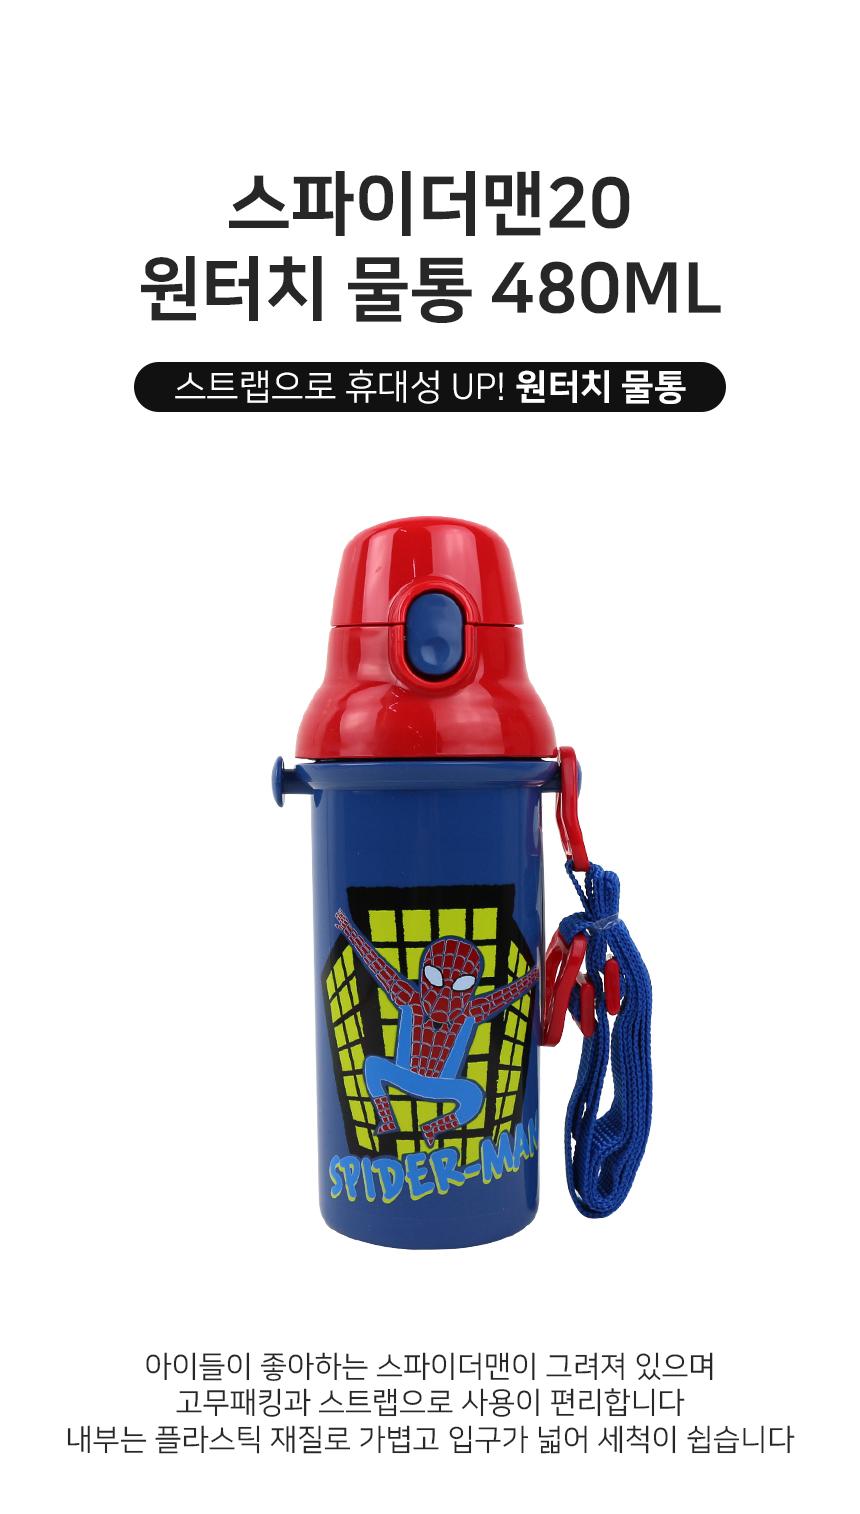 스파이더맨 20 원터치 물통 480ml - 스케이터, 19,800원, 보틀/텀블러, 보틀